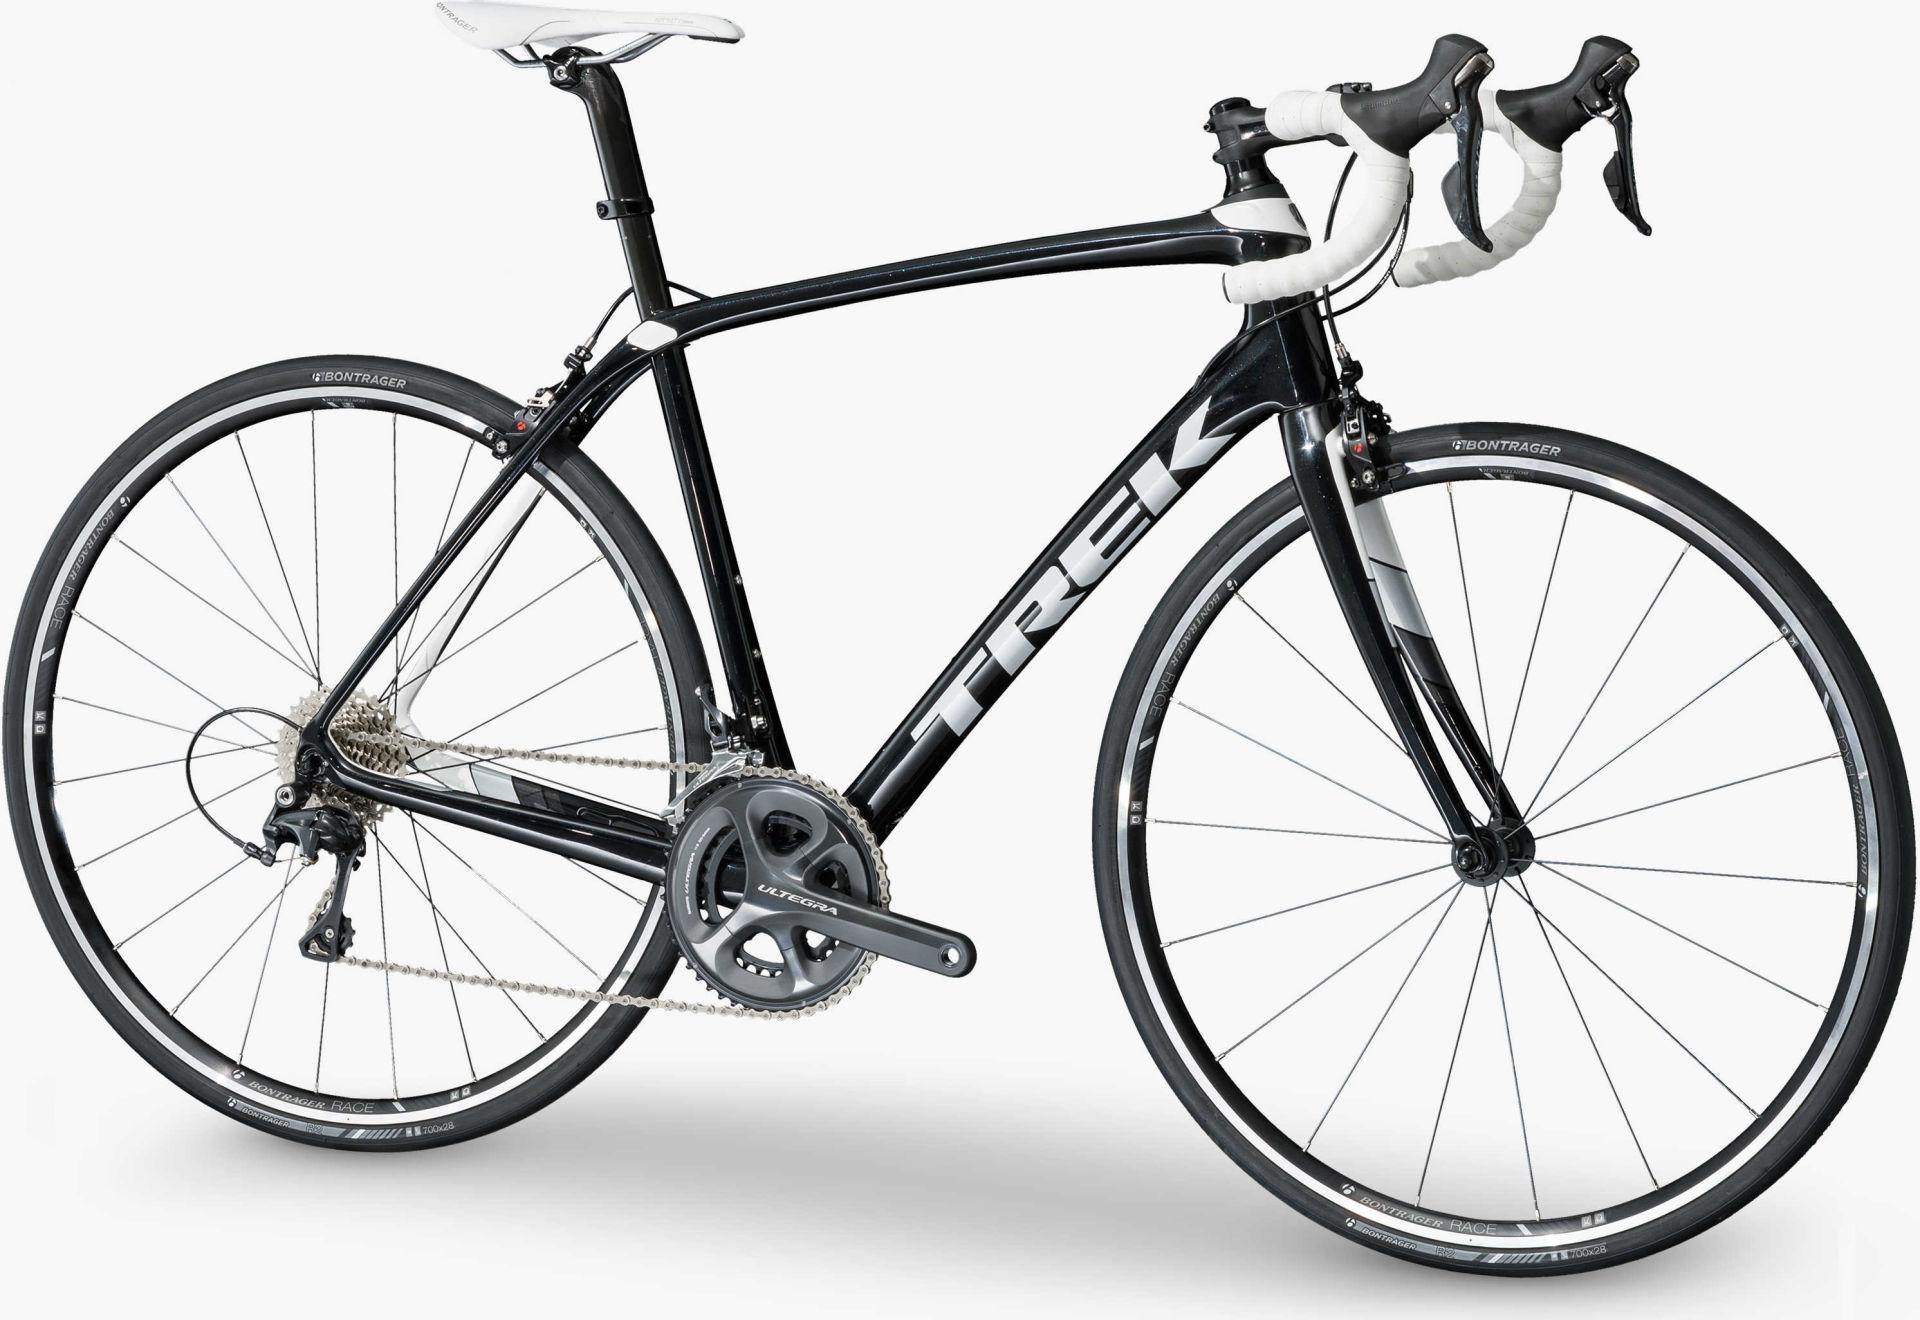 Trek Domane Sl 6 2017 Racing Bike